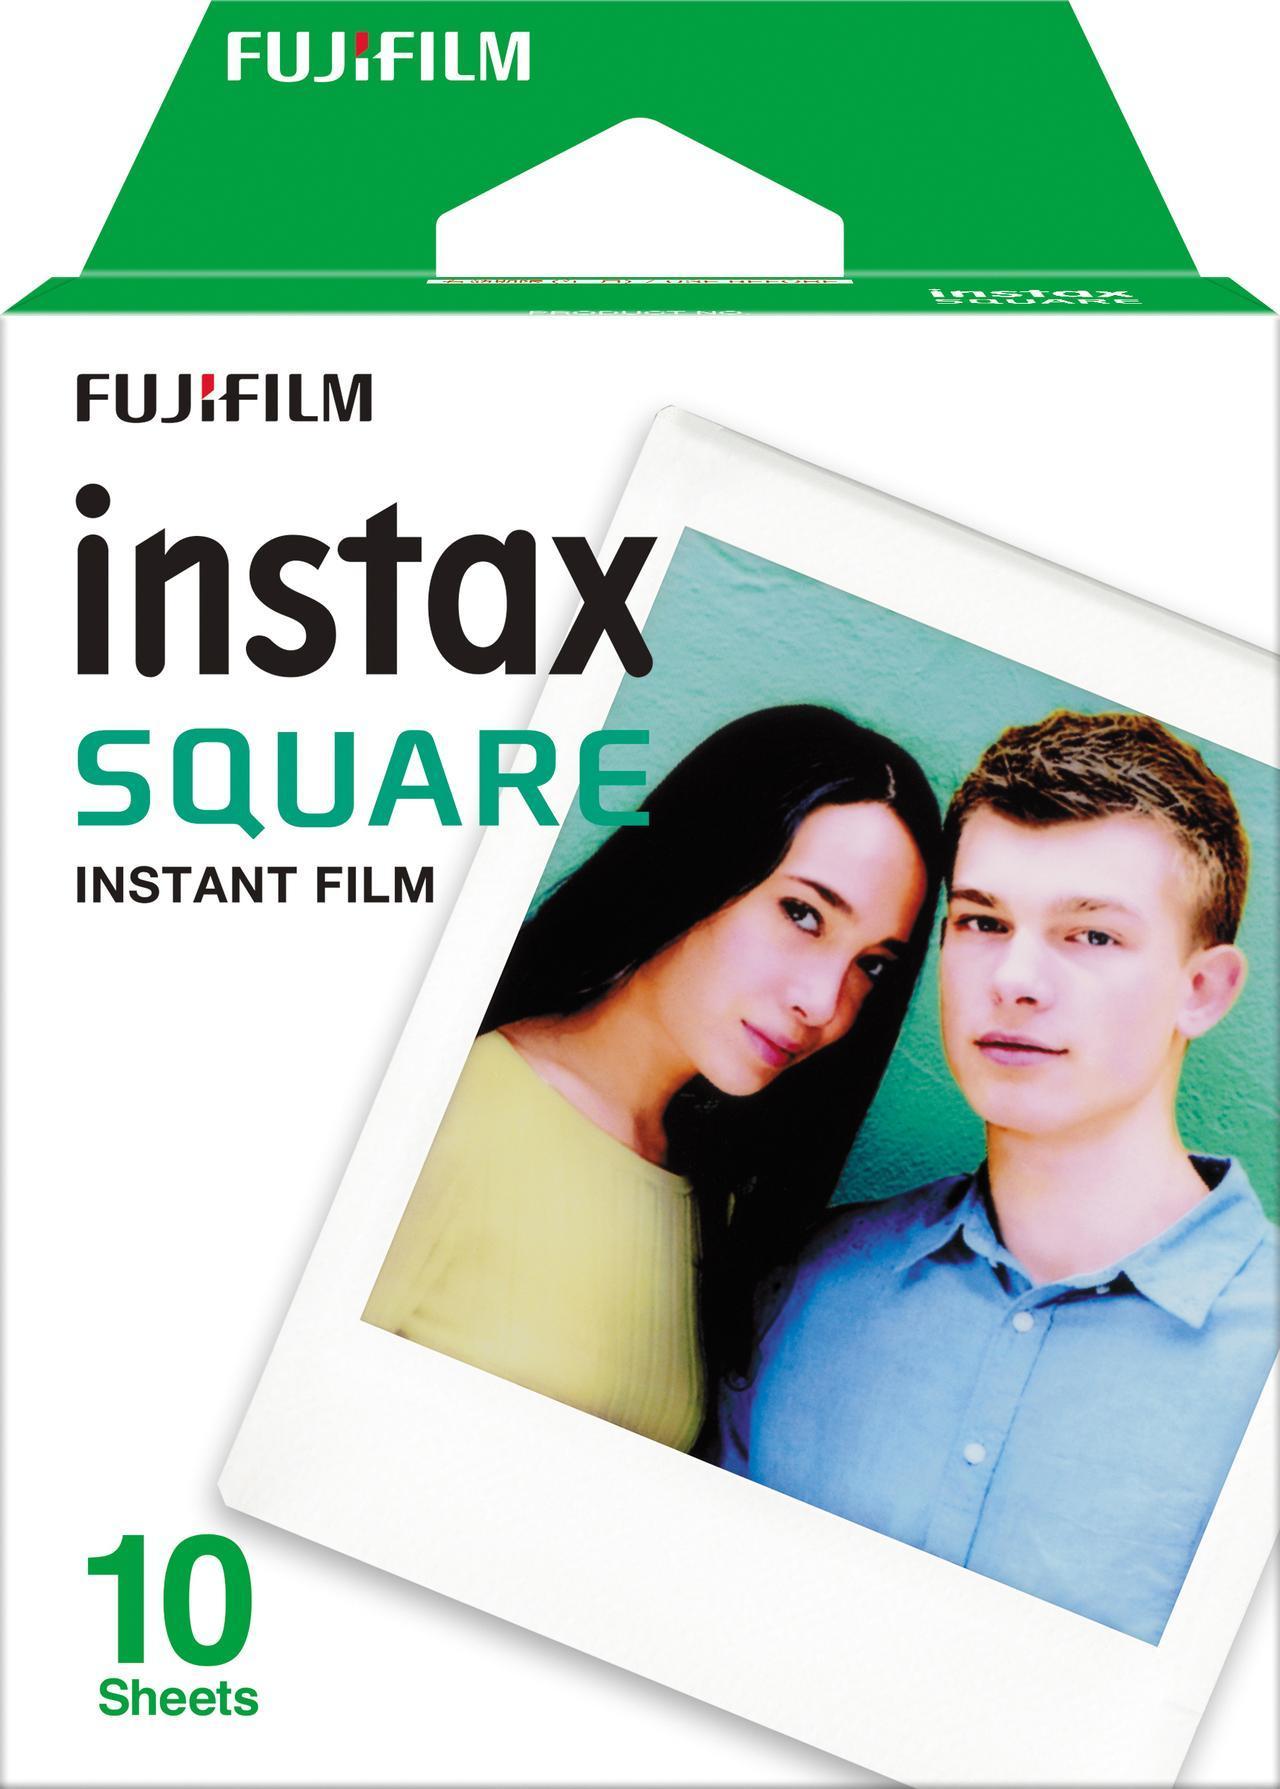 画像: 専用のインスタントフィルムのサイズは86ミリ×72ミリ、画面サイズは62ミリ×62ミリ。プリント画素数は800ドット×800ドット。10枚入りで、実売価格例1350円。